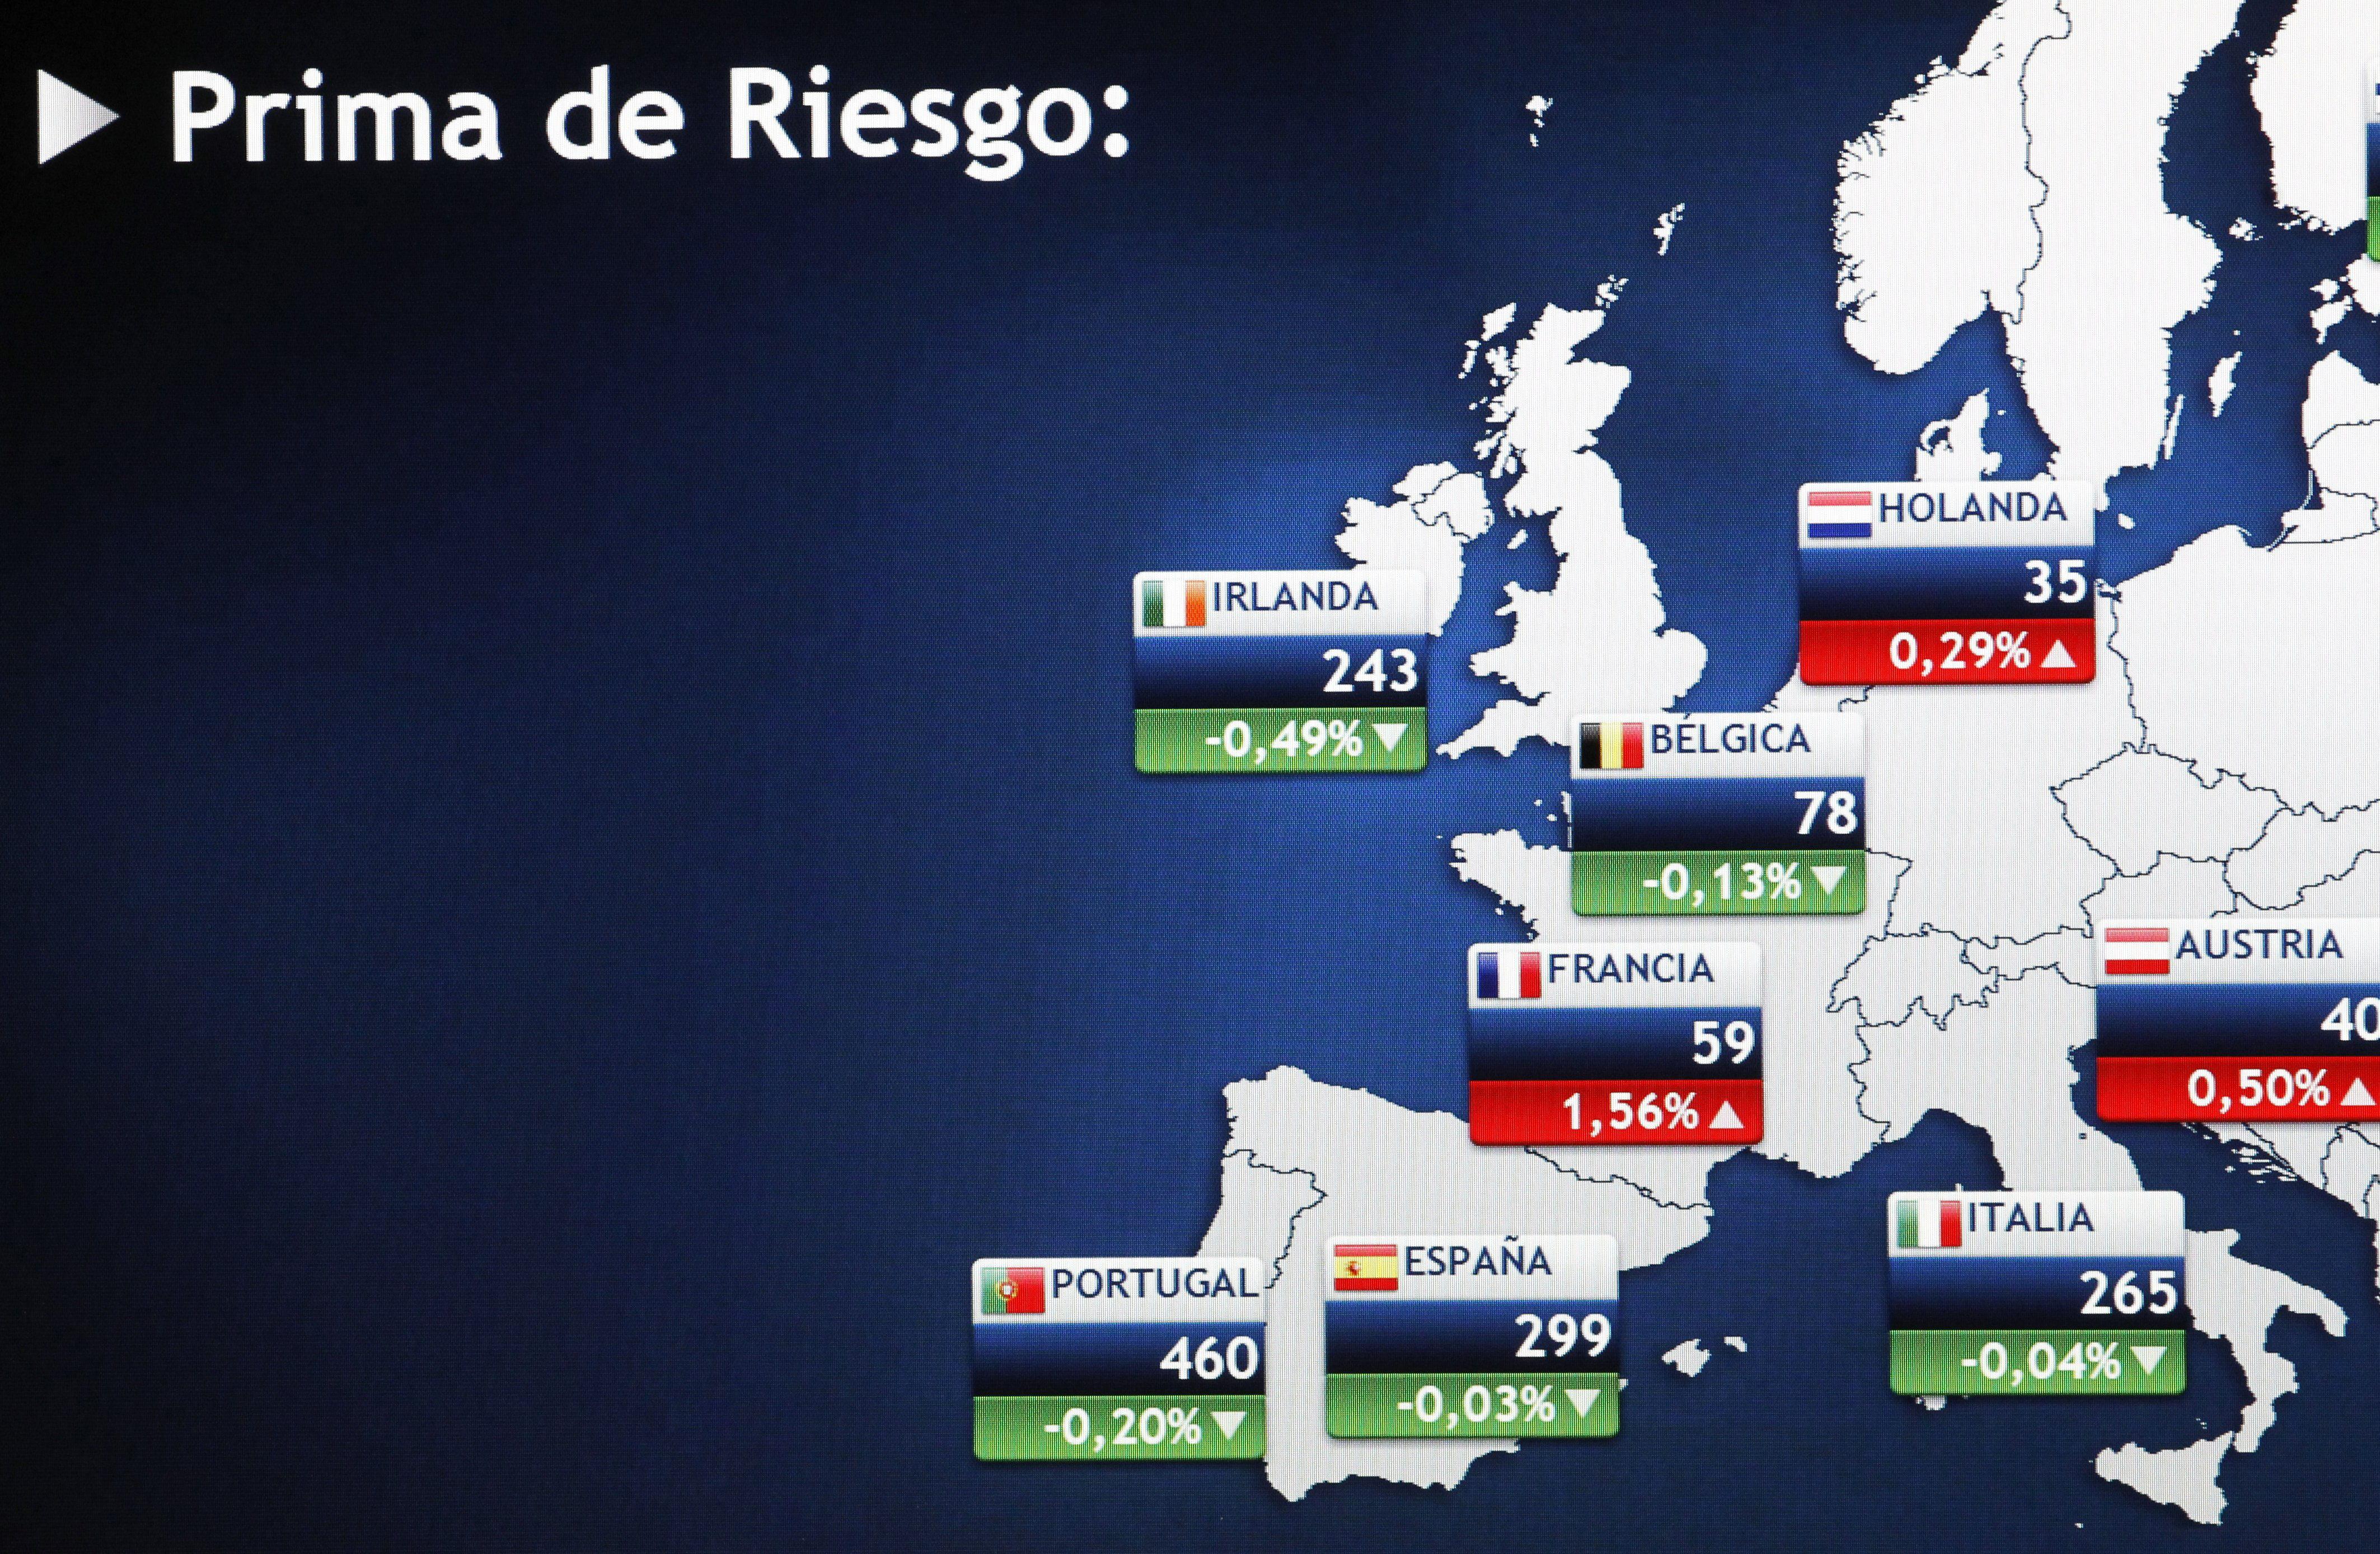 La prima de riesgo de España abre sin cambios en 303 puntos básicos